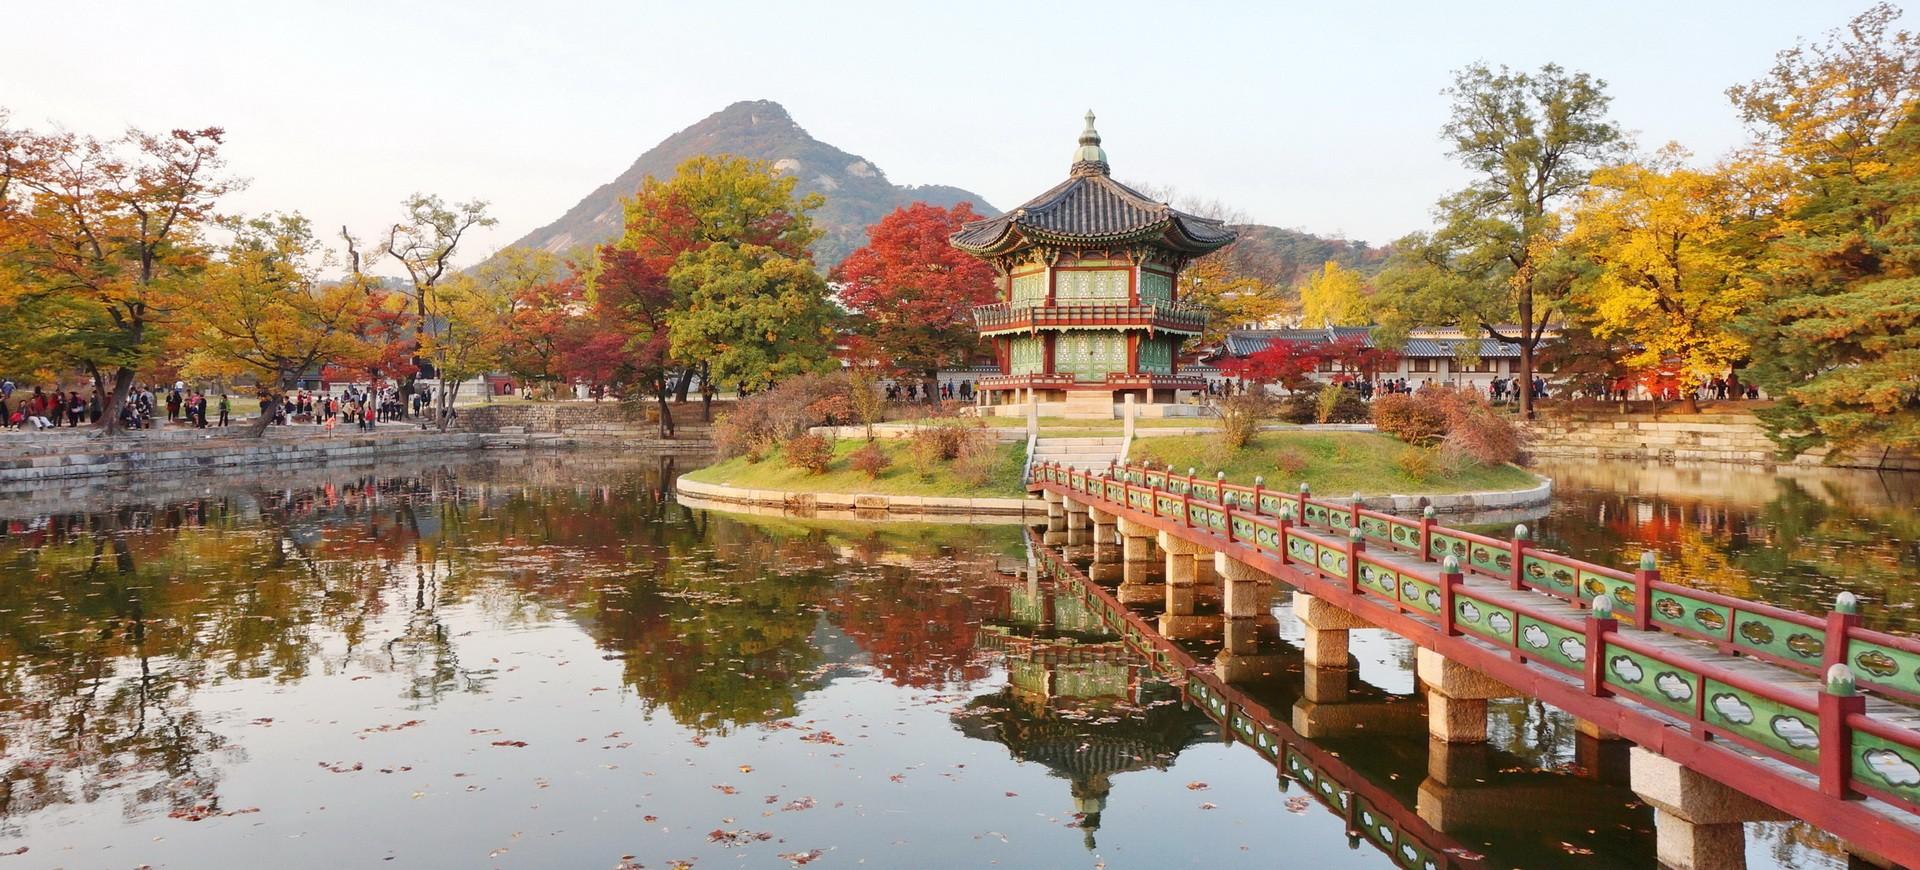 Pavillion Hyangwon Jeong dans la Gyeongbokgung Palace à Séoul en Corée du Sud